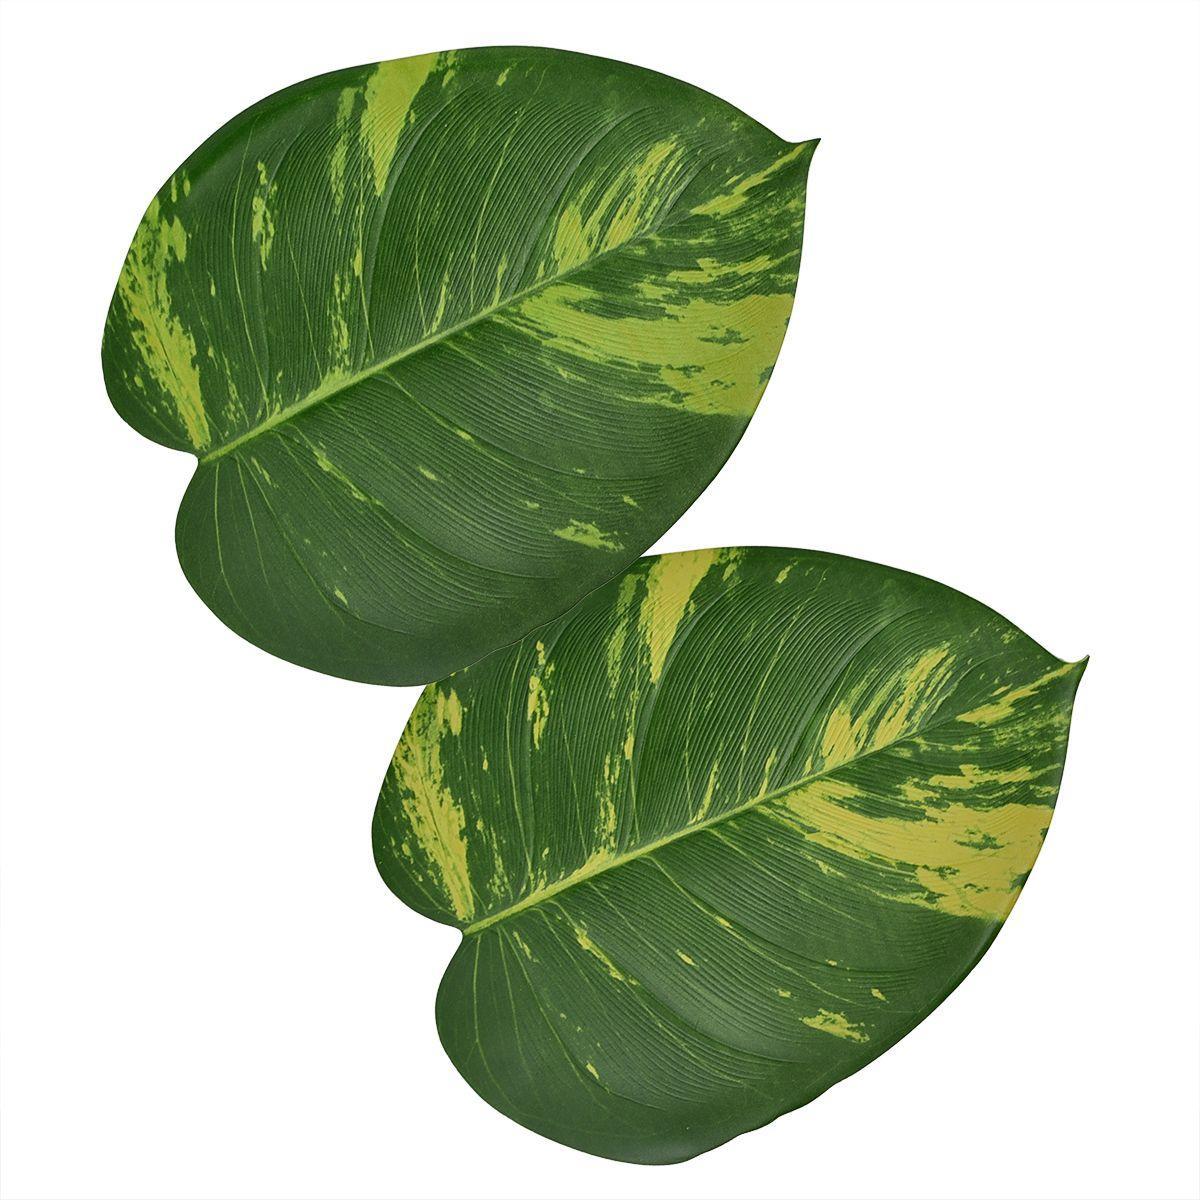 Подставки под тарелки и блюда в виде листьев Диффенбахии